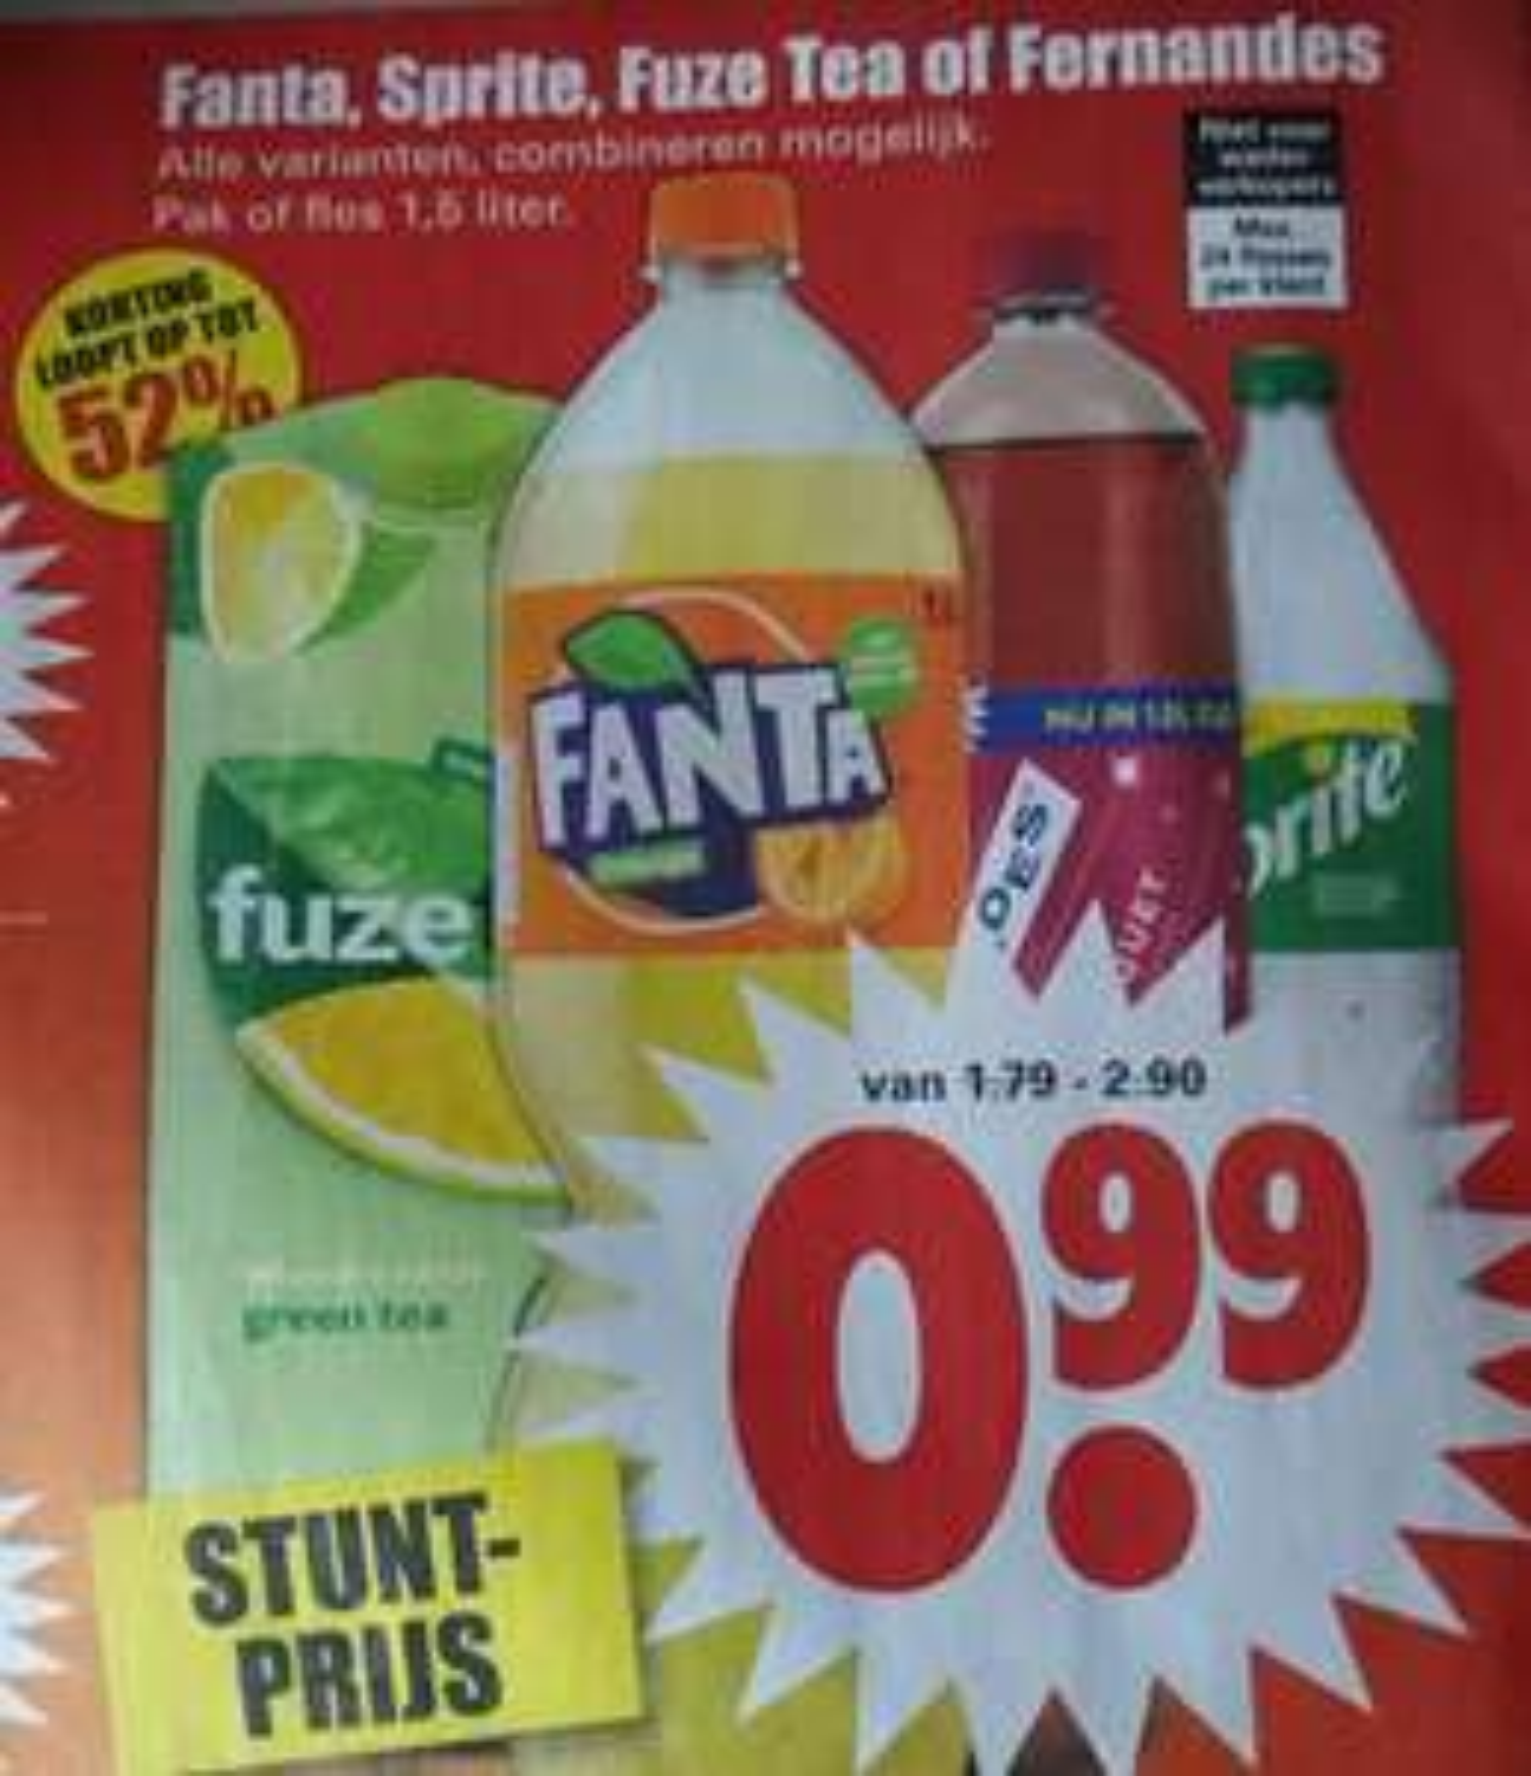 Fanta, Sprite, Fuze Tea of Fernandez bij Dirk